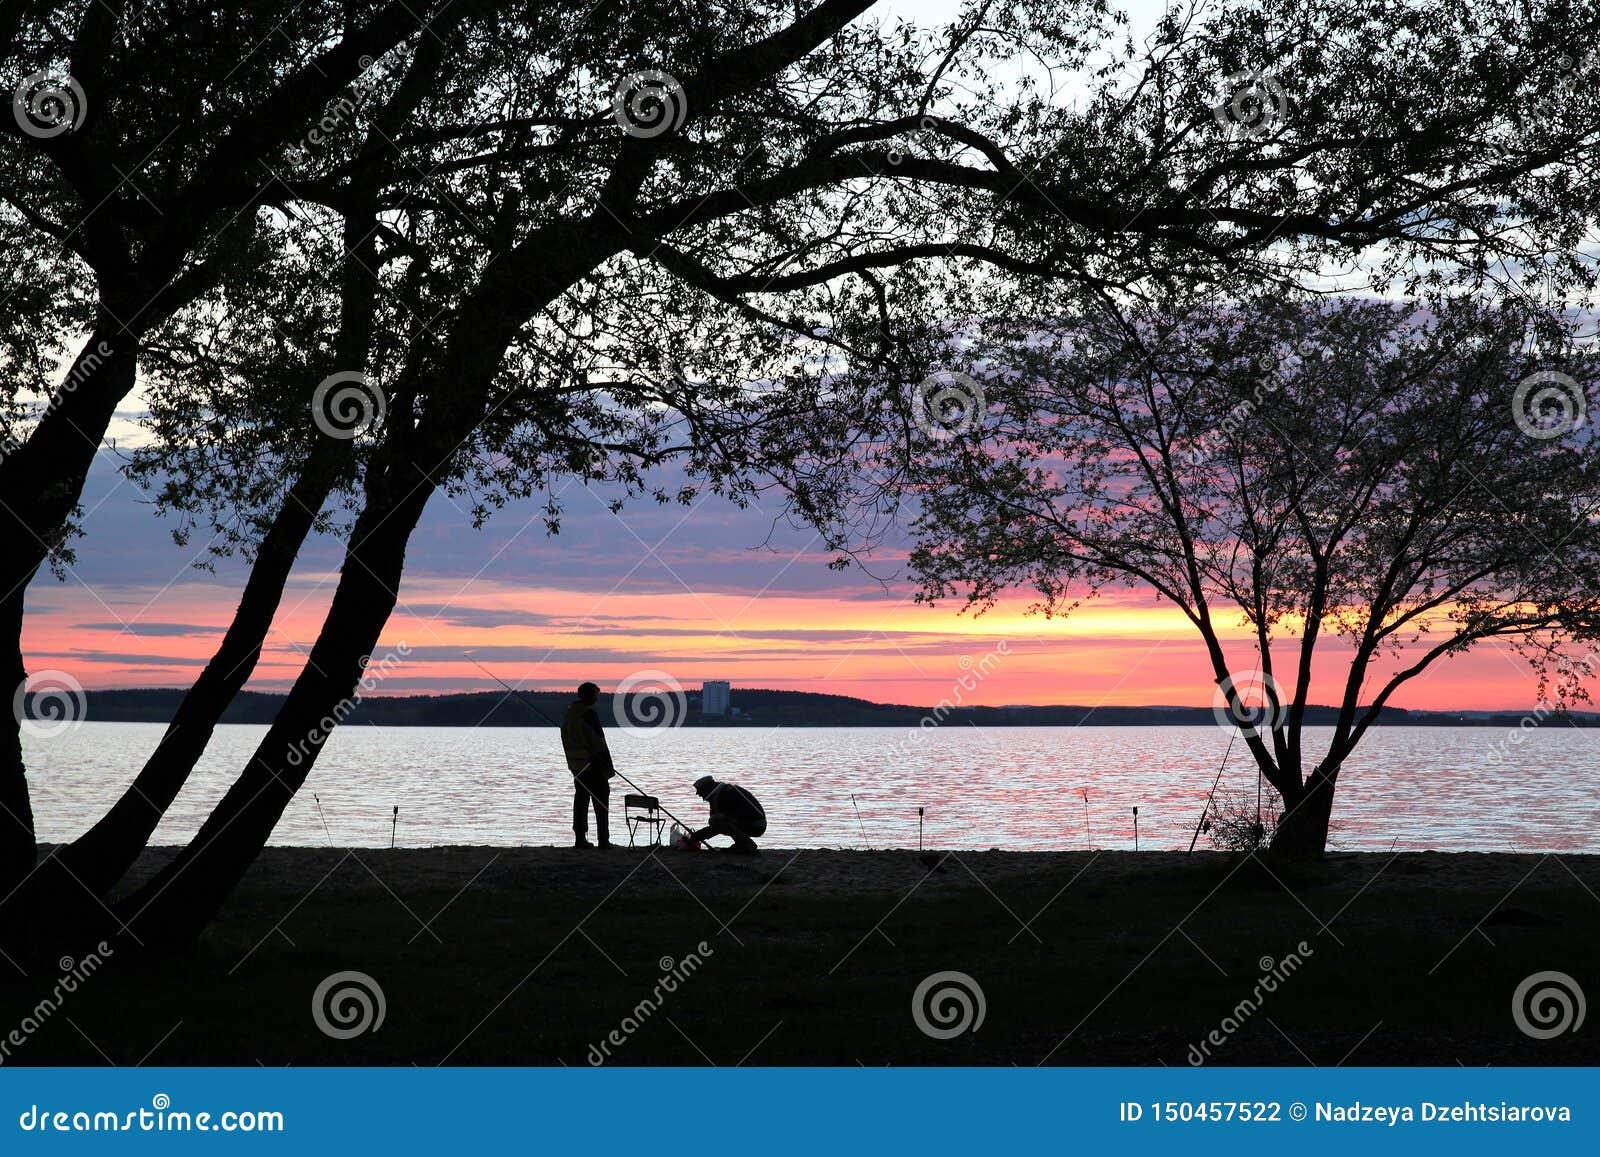 Siluetas de dos pescadores debajo de árboles grandes